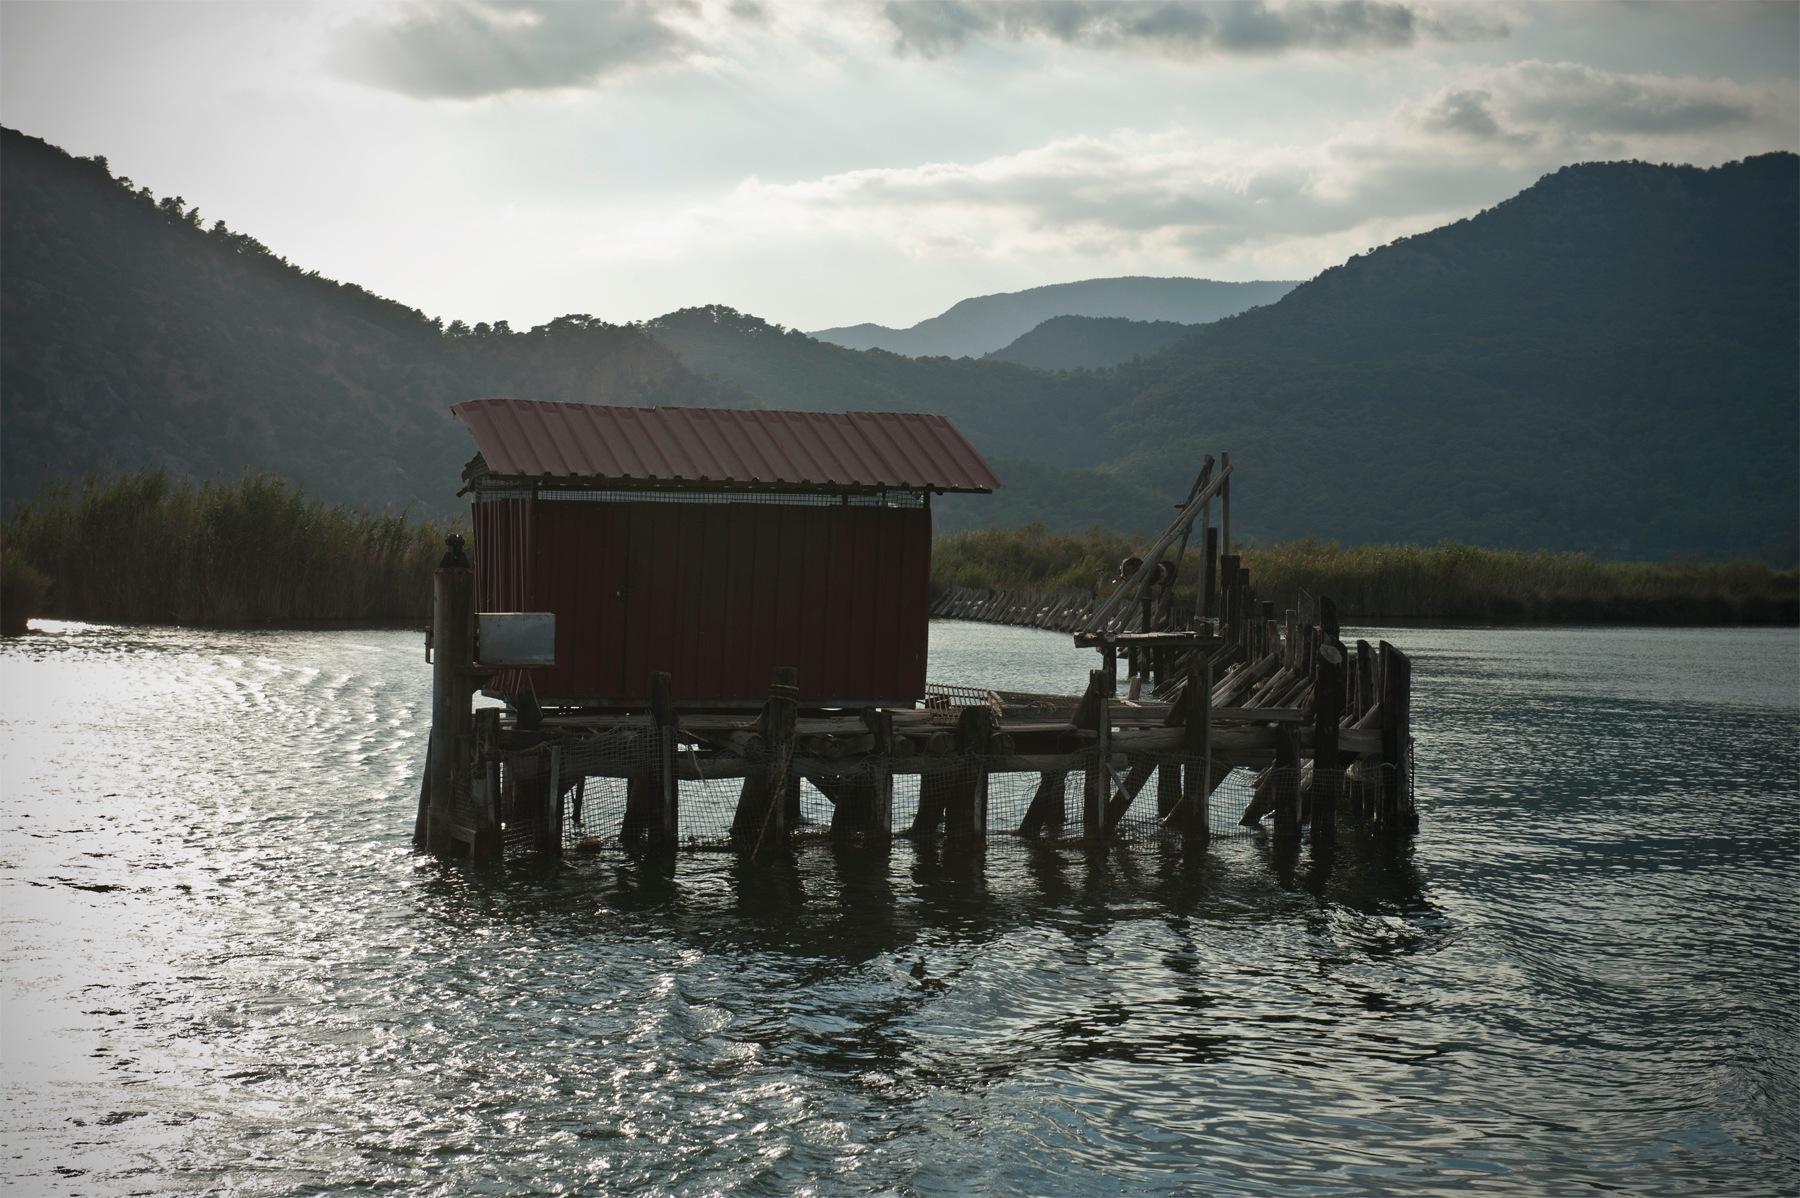 Lake Dwelling by Mehmet Talu Uray